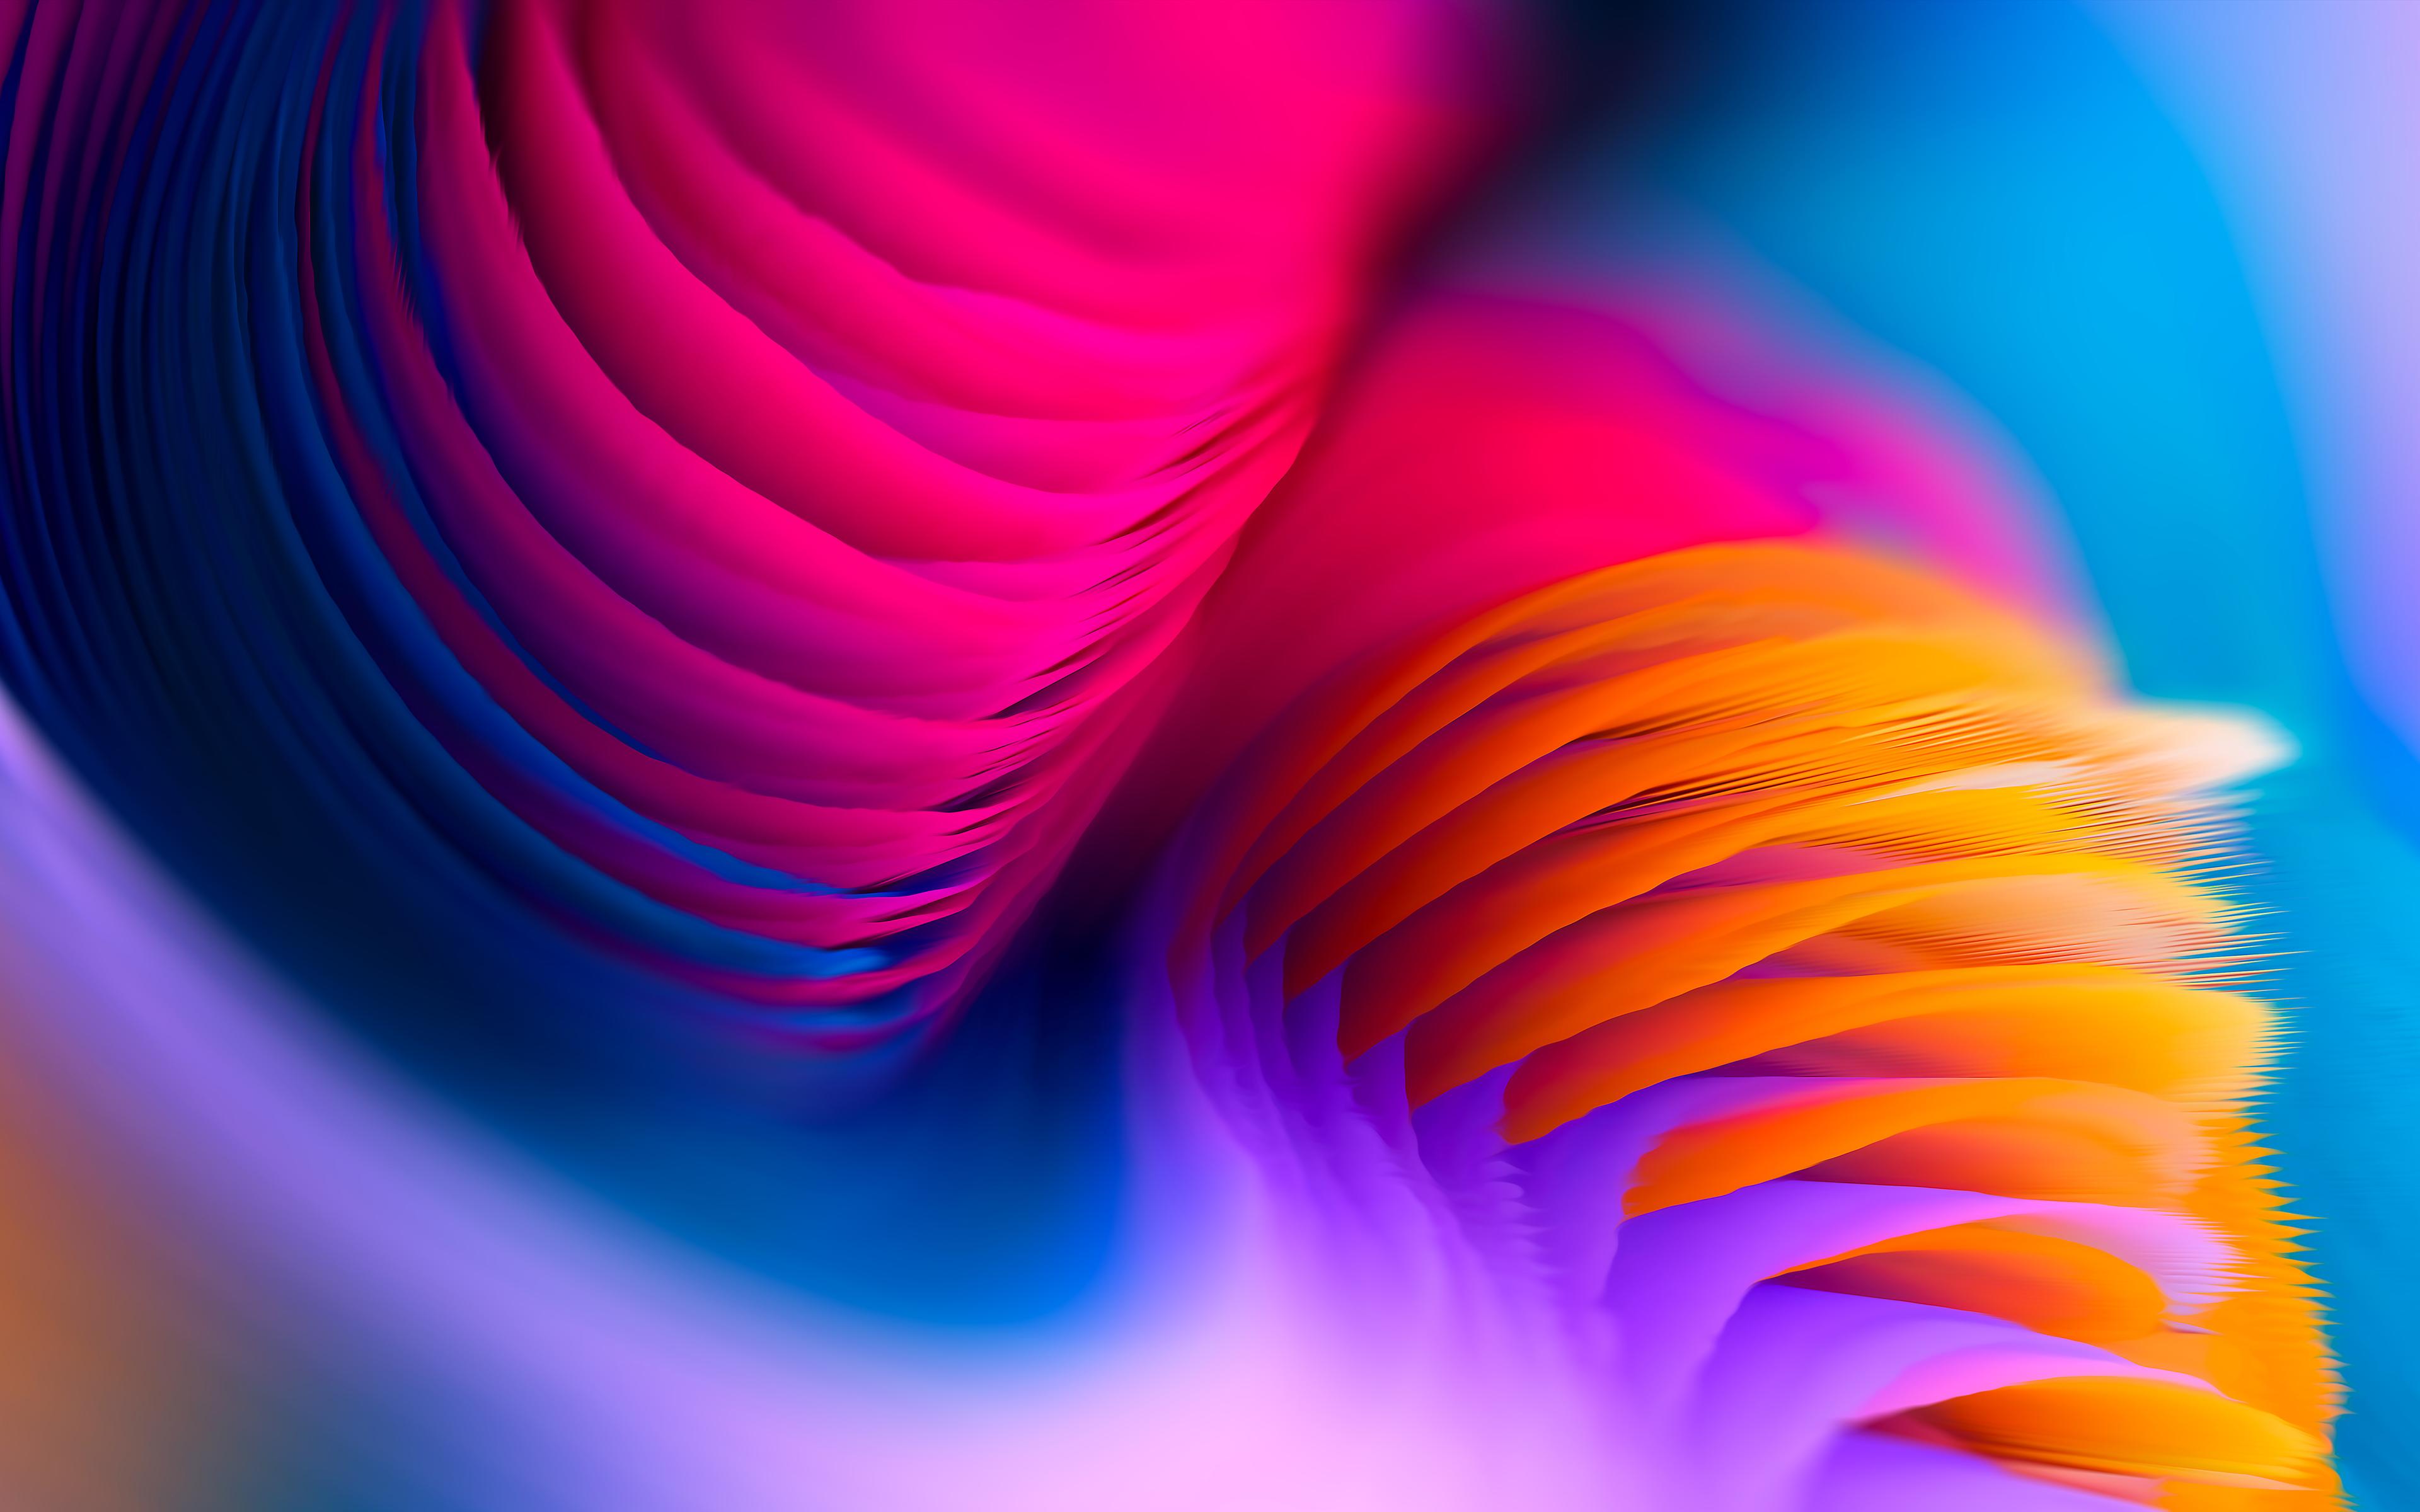 circles-abstract-8k-2m.jpg